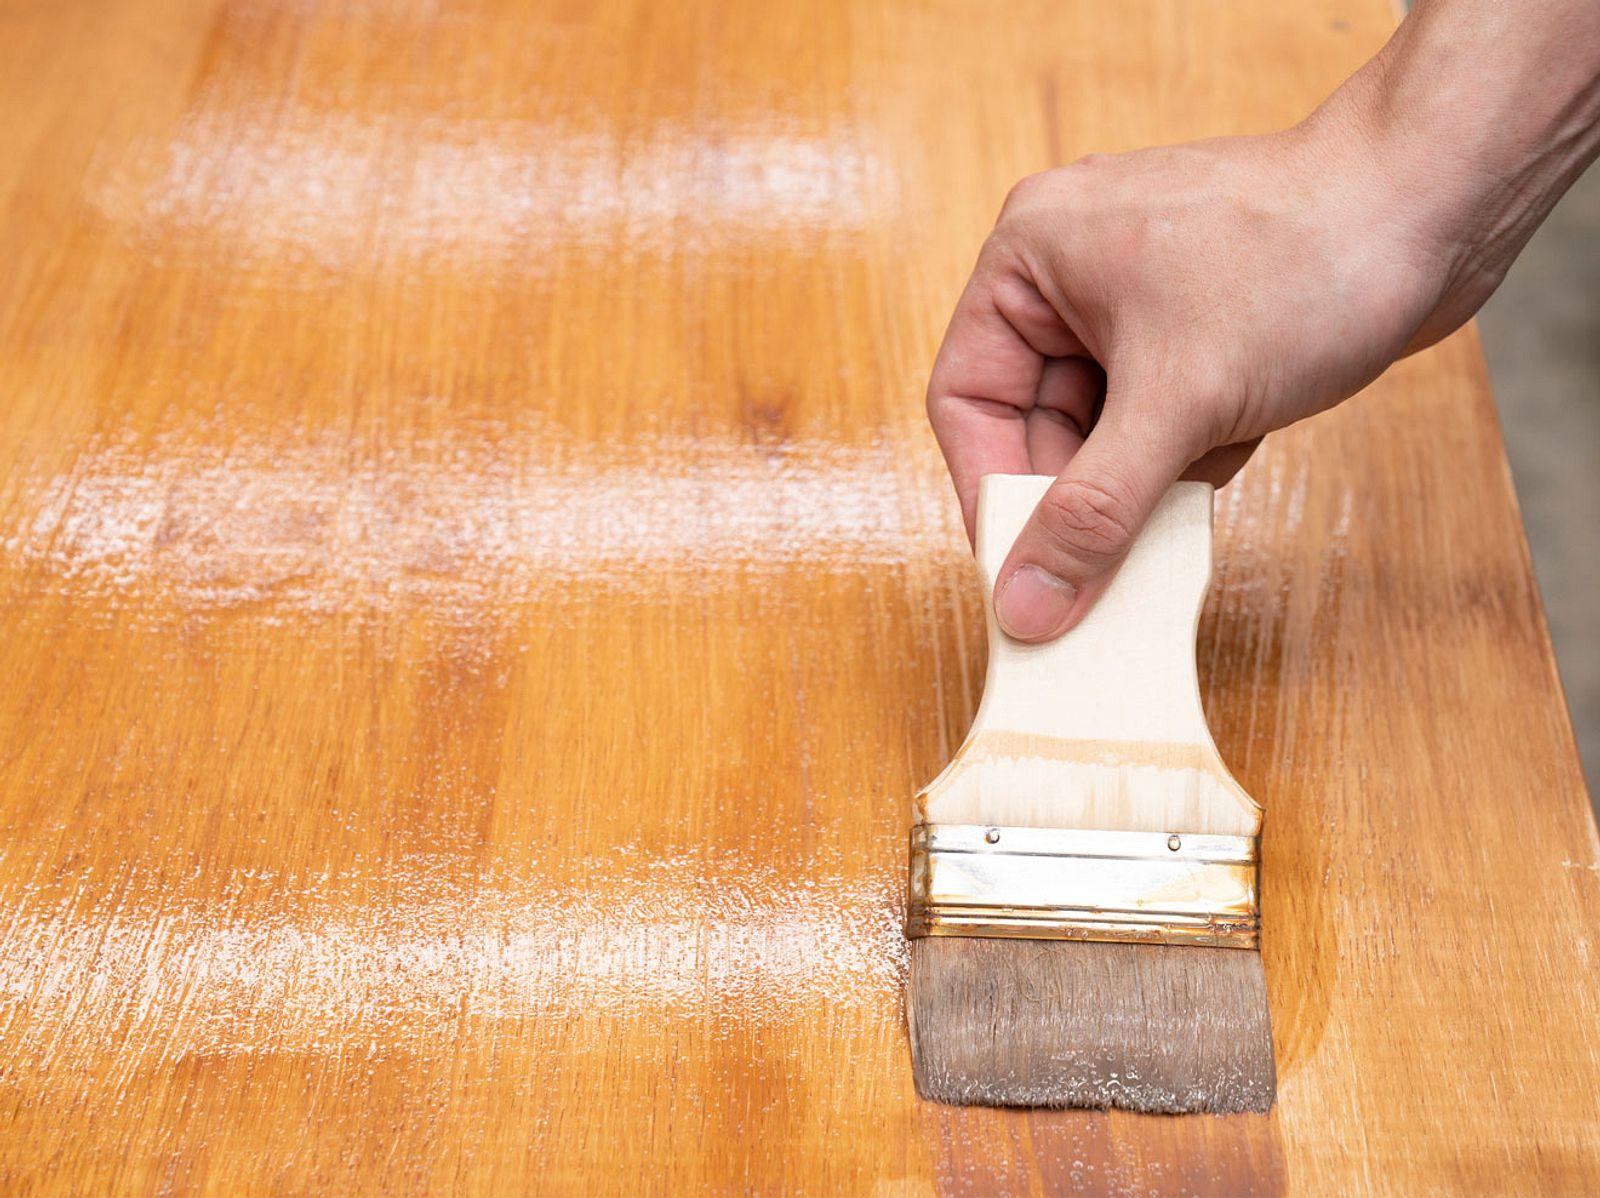 Holztisch ölen: So bleibt ihr Echtholztisch lange schön